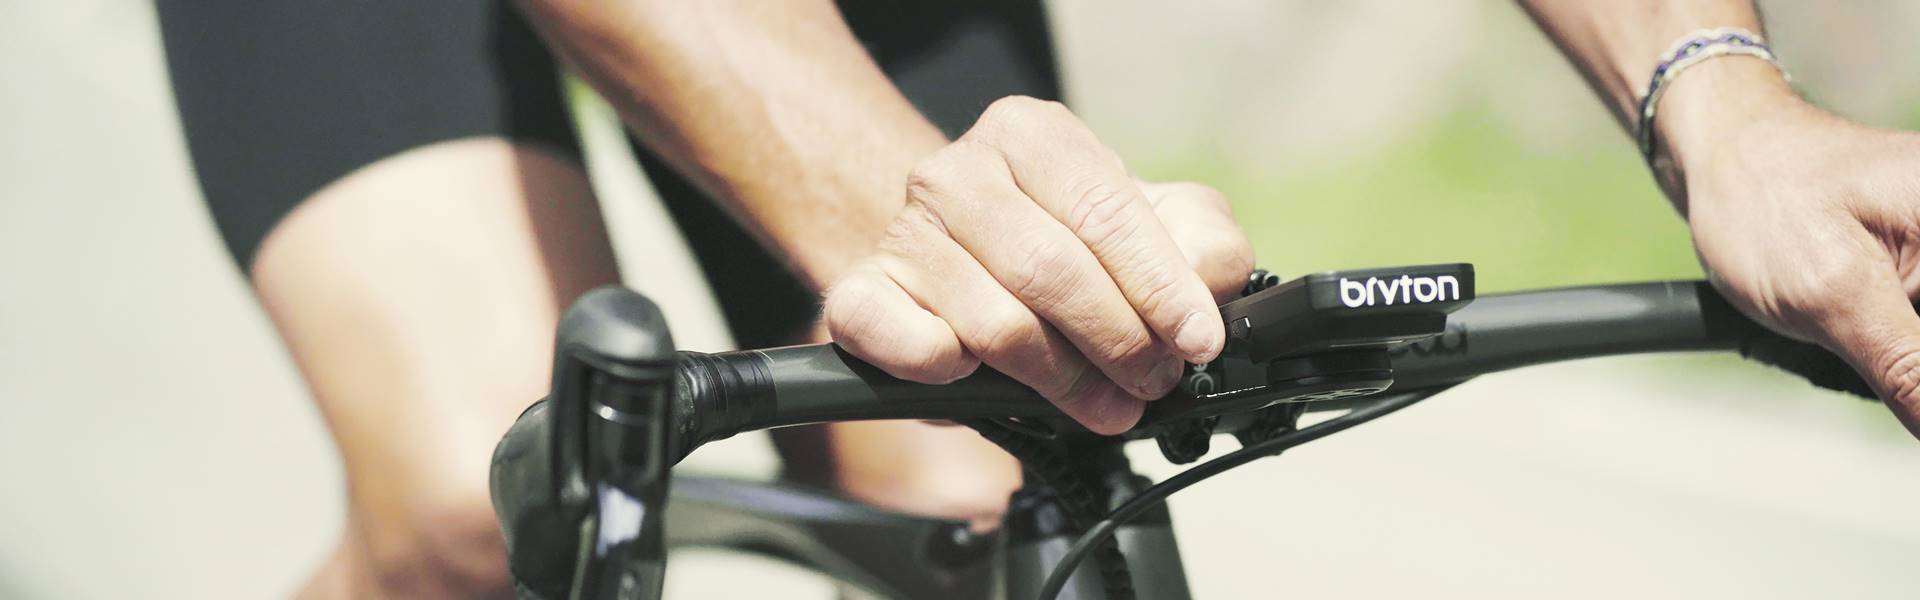 GPS kerékpáros komputerek